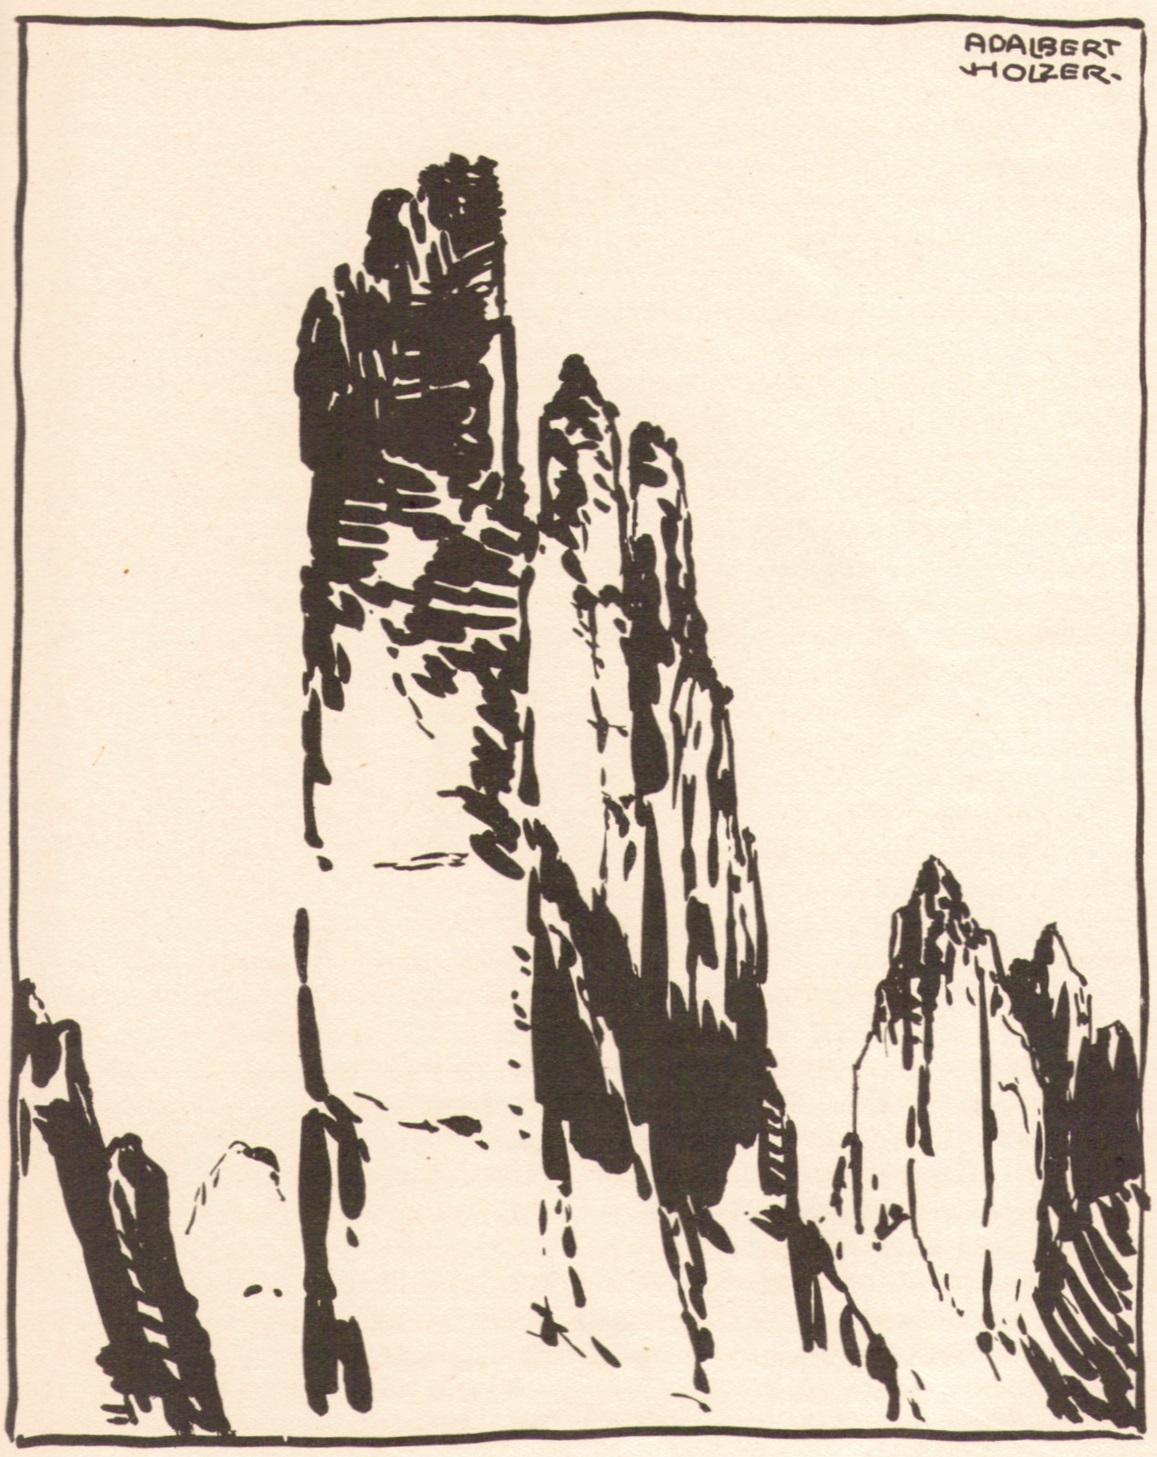 Adalbert Holzer - Dolomitentuerme sw um 1920p.jpg